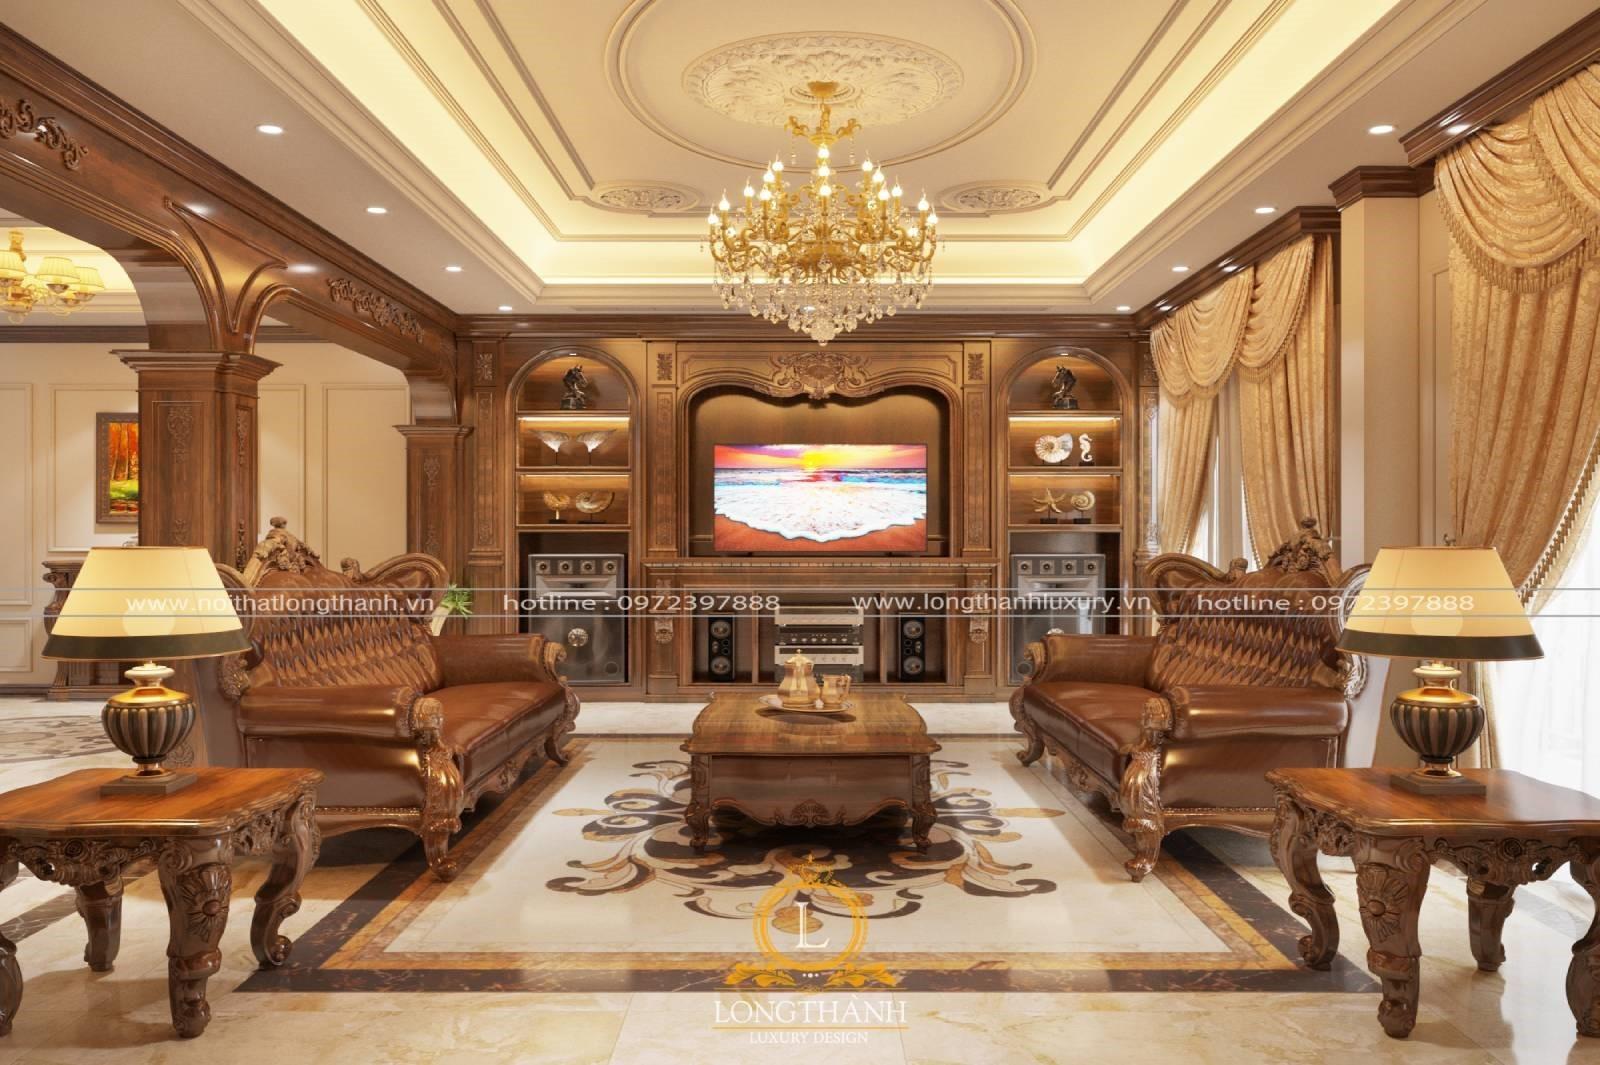 Tủ trang trí kết hợp kệ tivi cho phòng khách thêm lộng lẫy